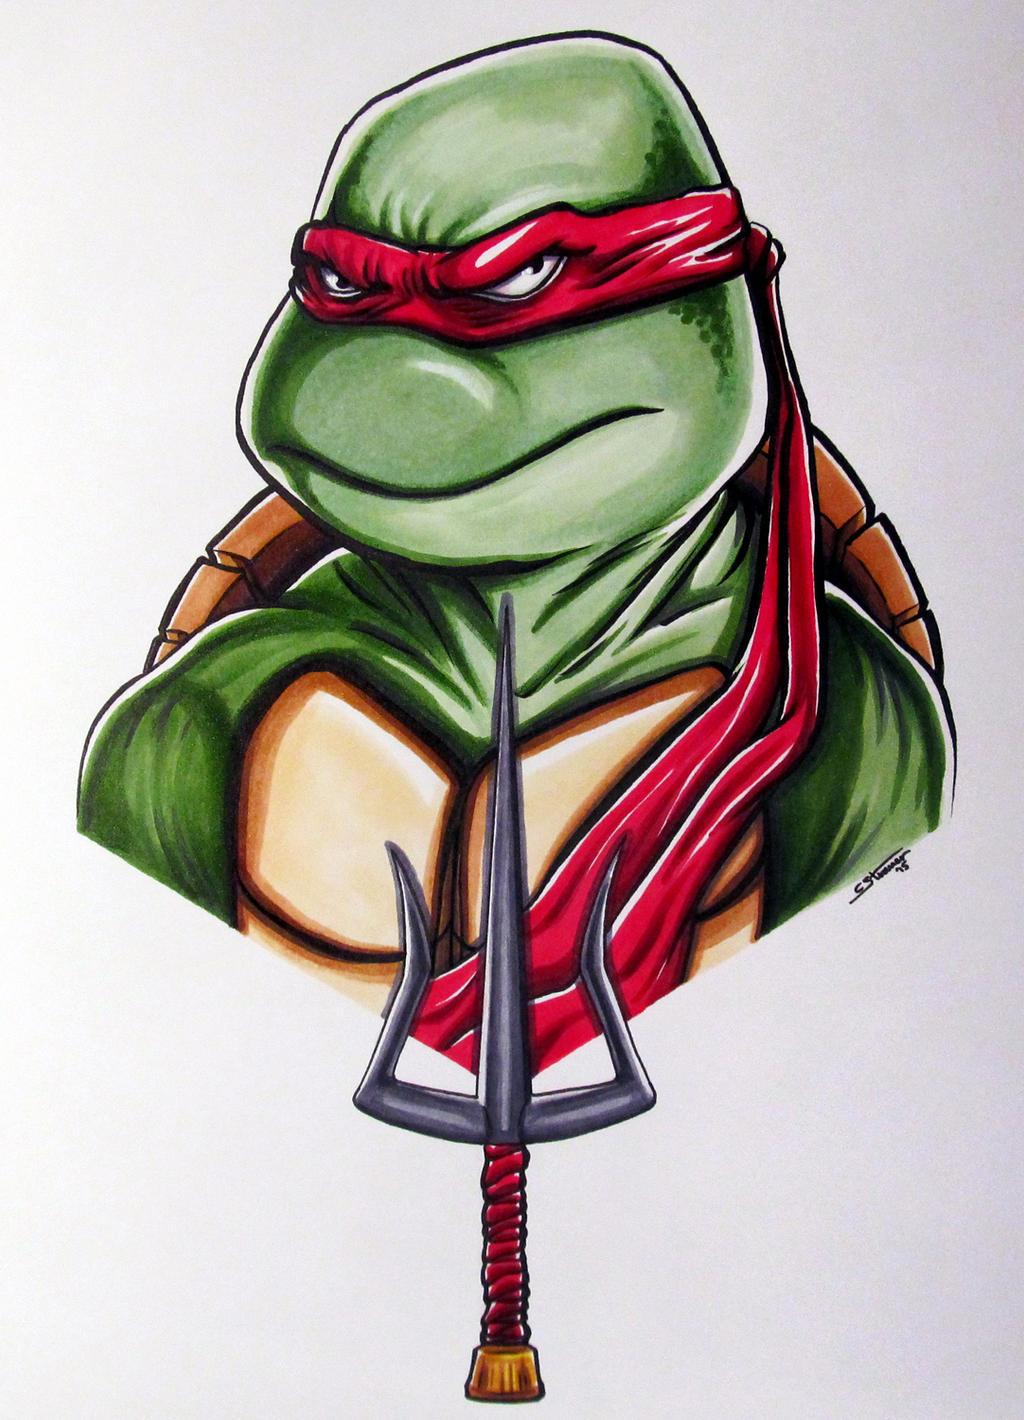 Raphael Drawing - TMNT Fan Art by LethalChris on DeviantArt